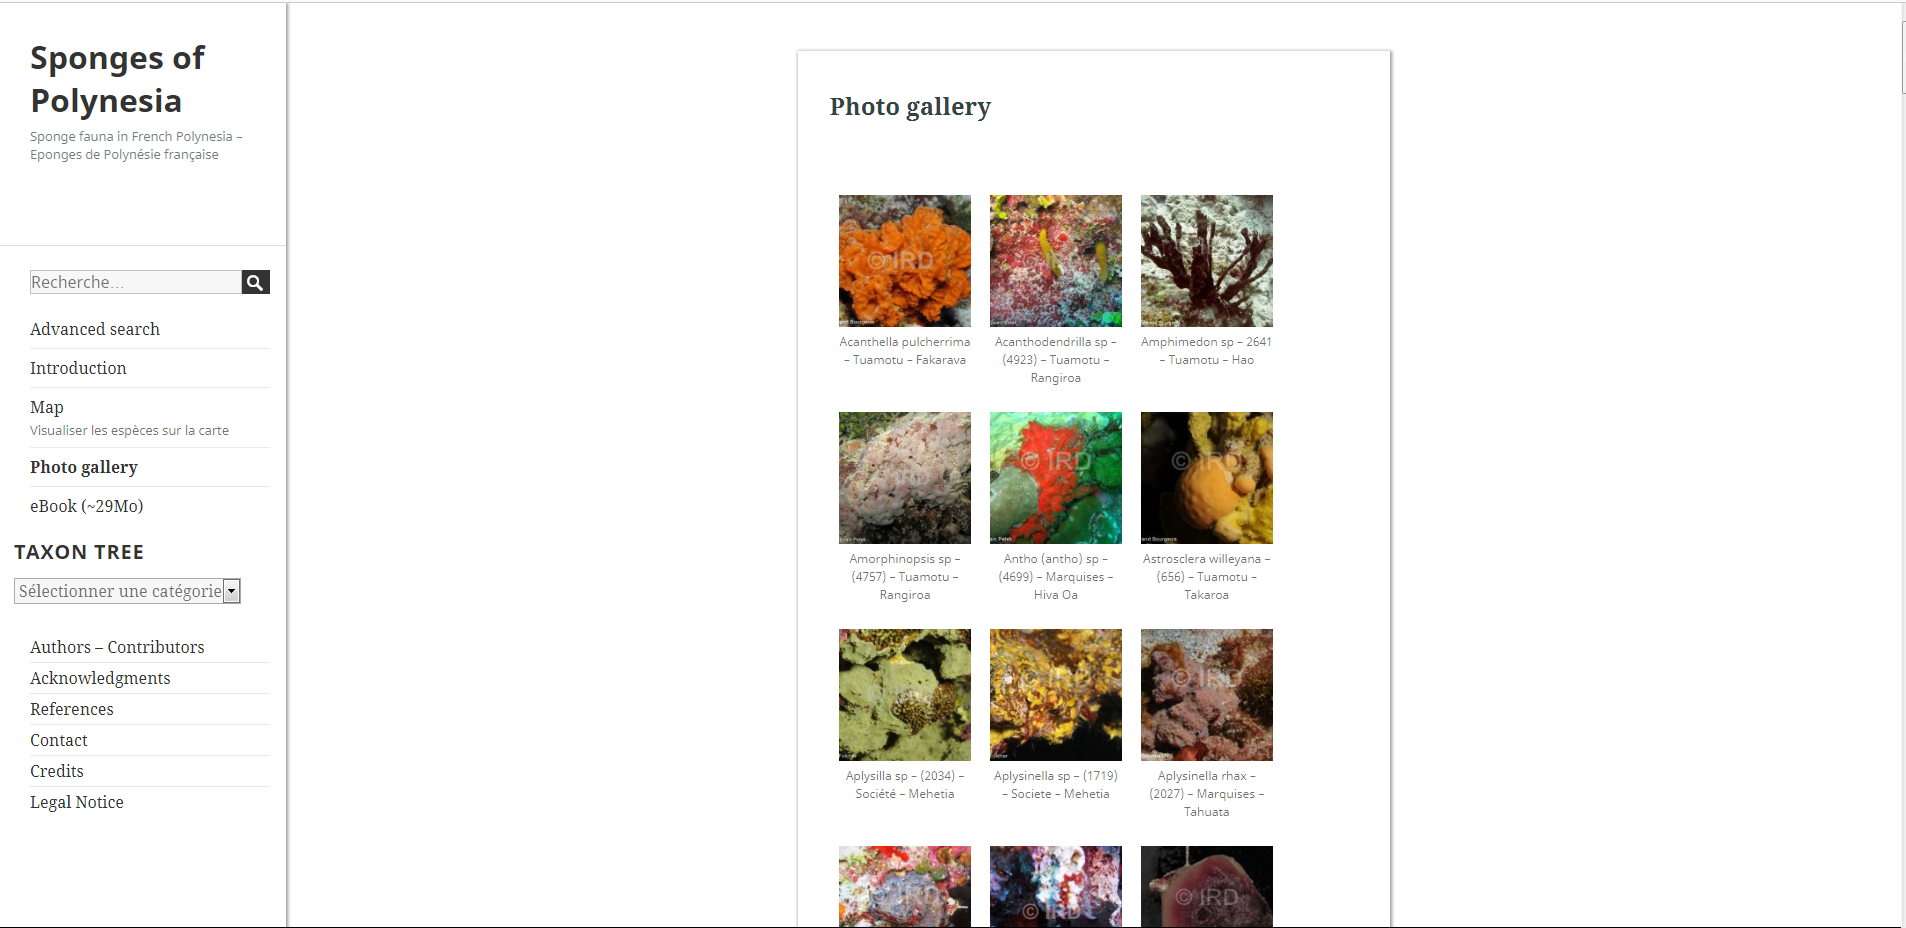 Une base de données recense plus de 200 spongiaires polynésiens